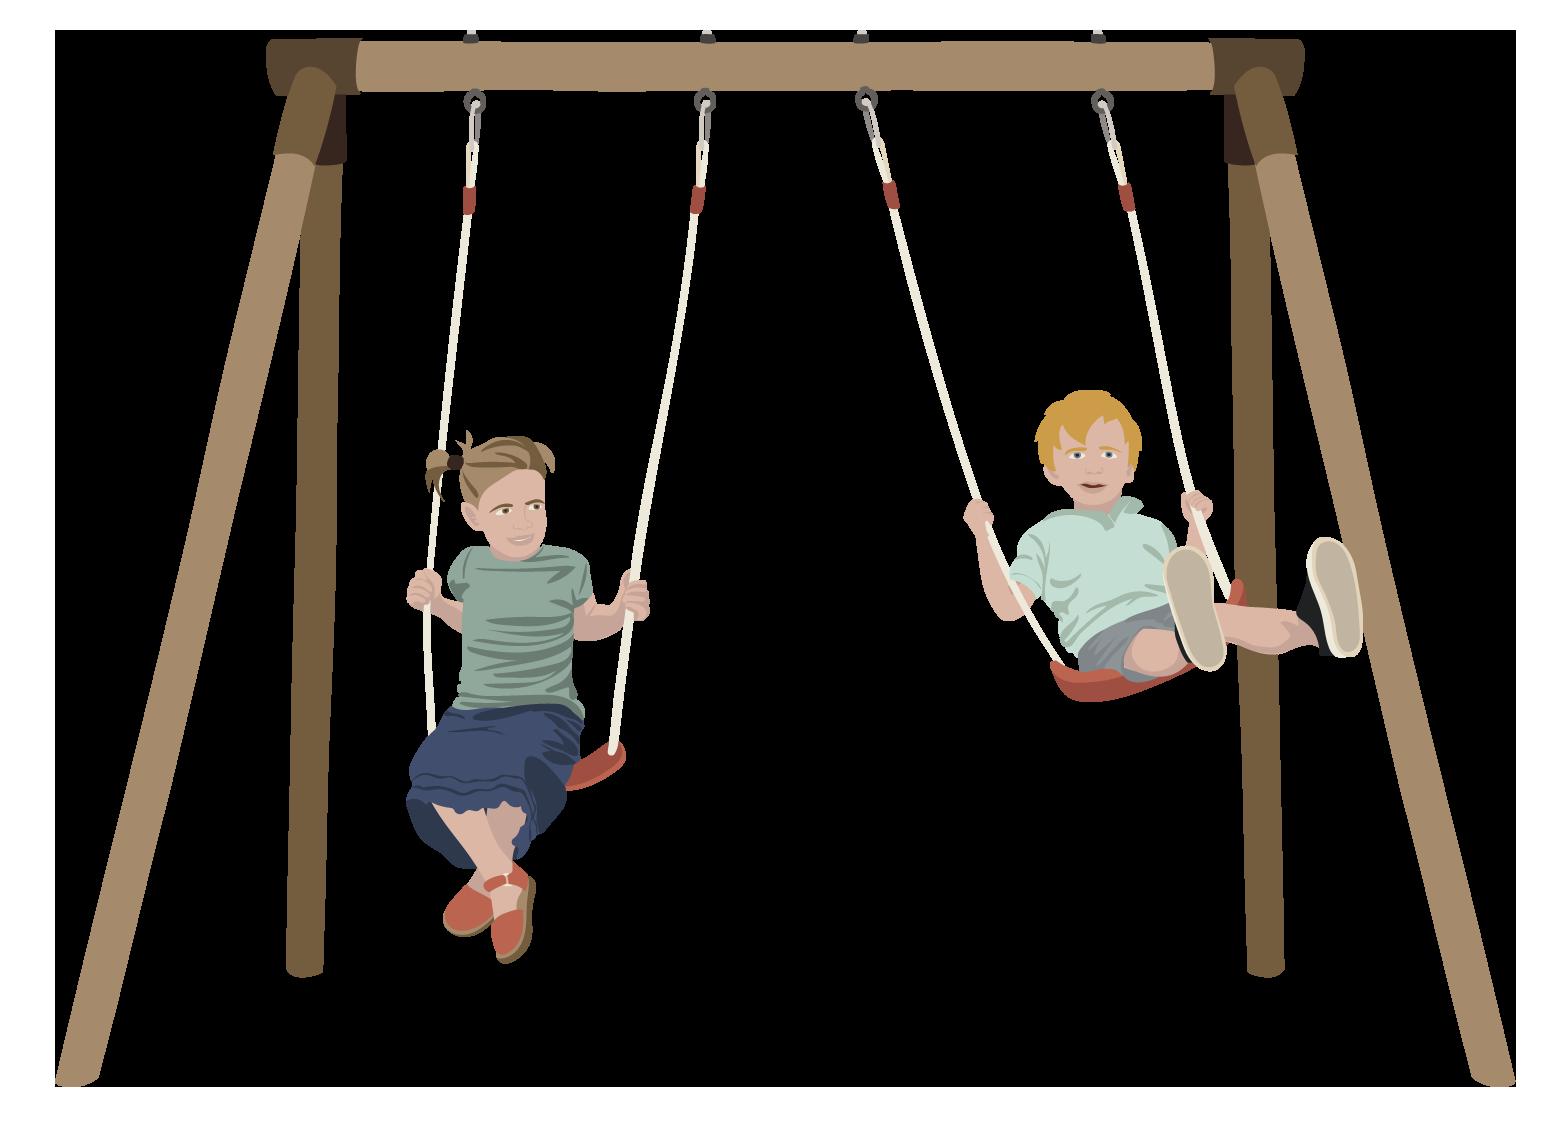 legeplads gynger to børn